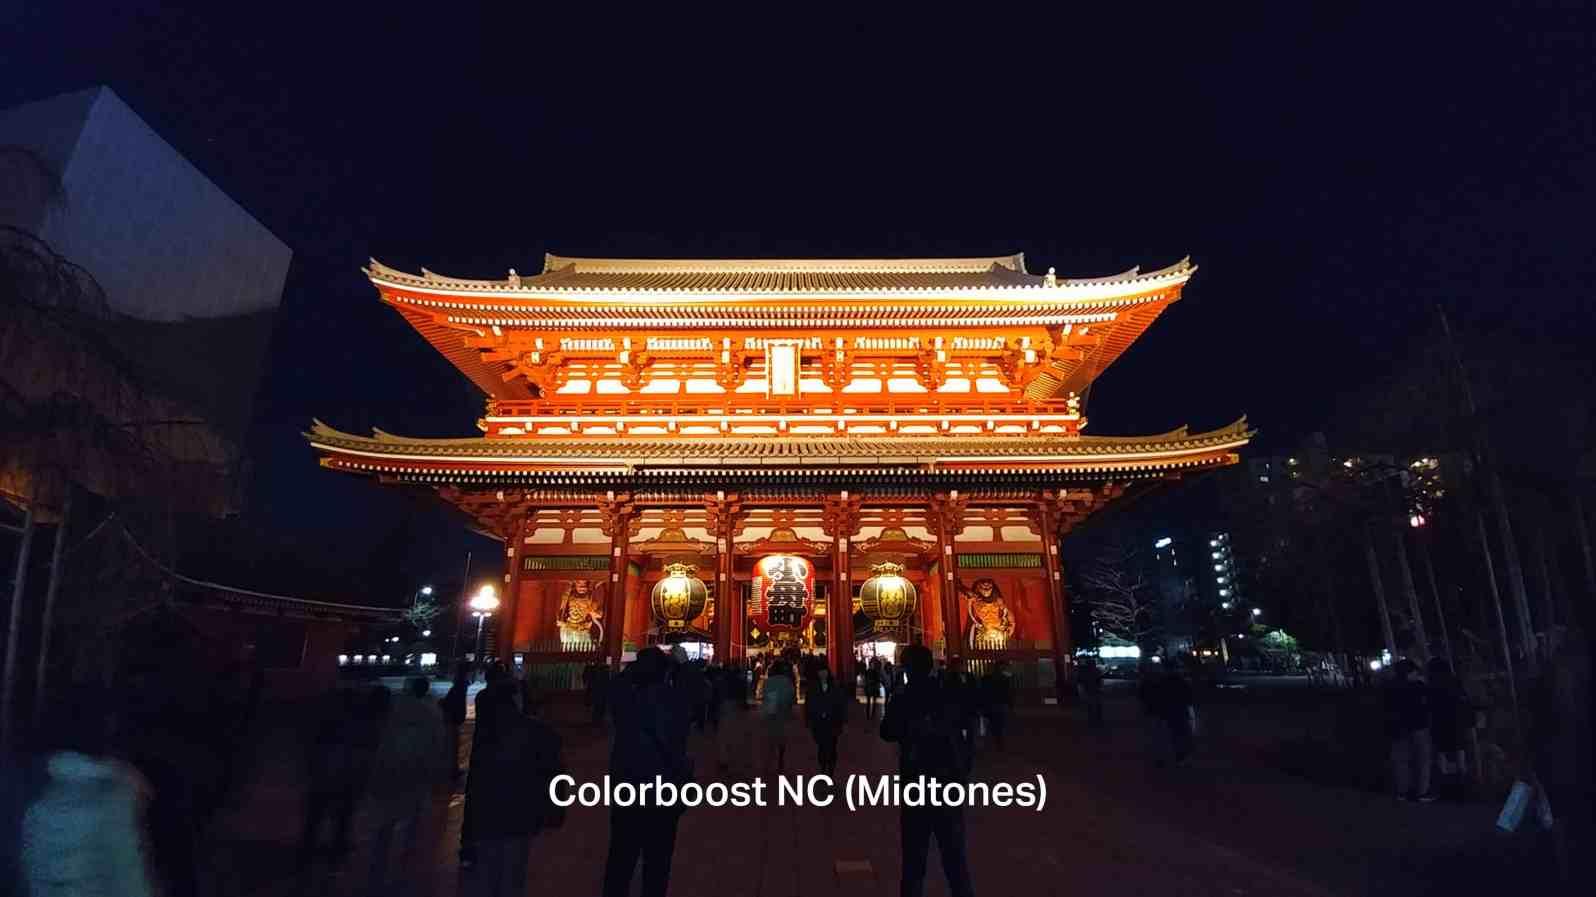 Colorboost NC (Midtones)